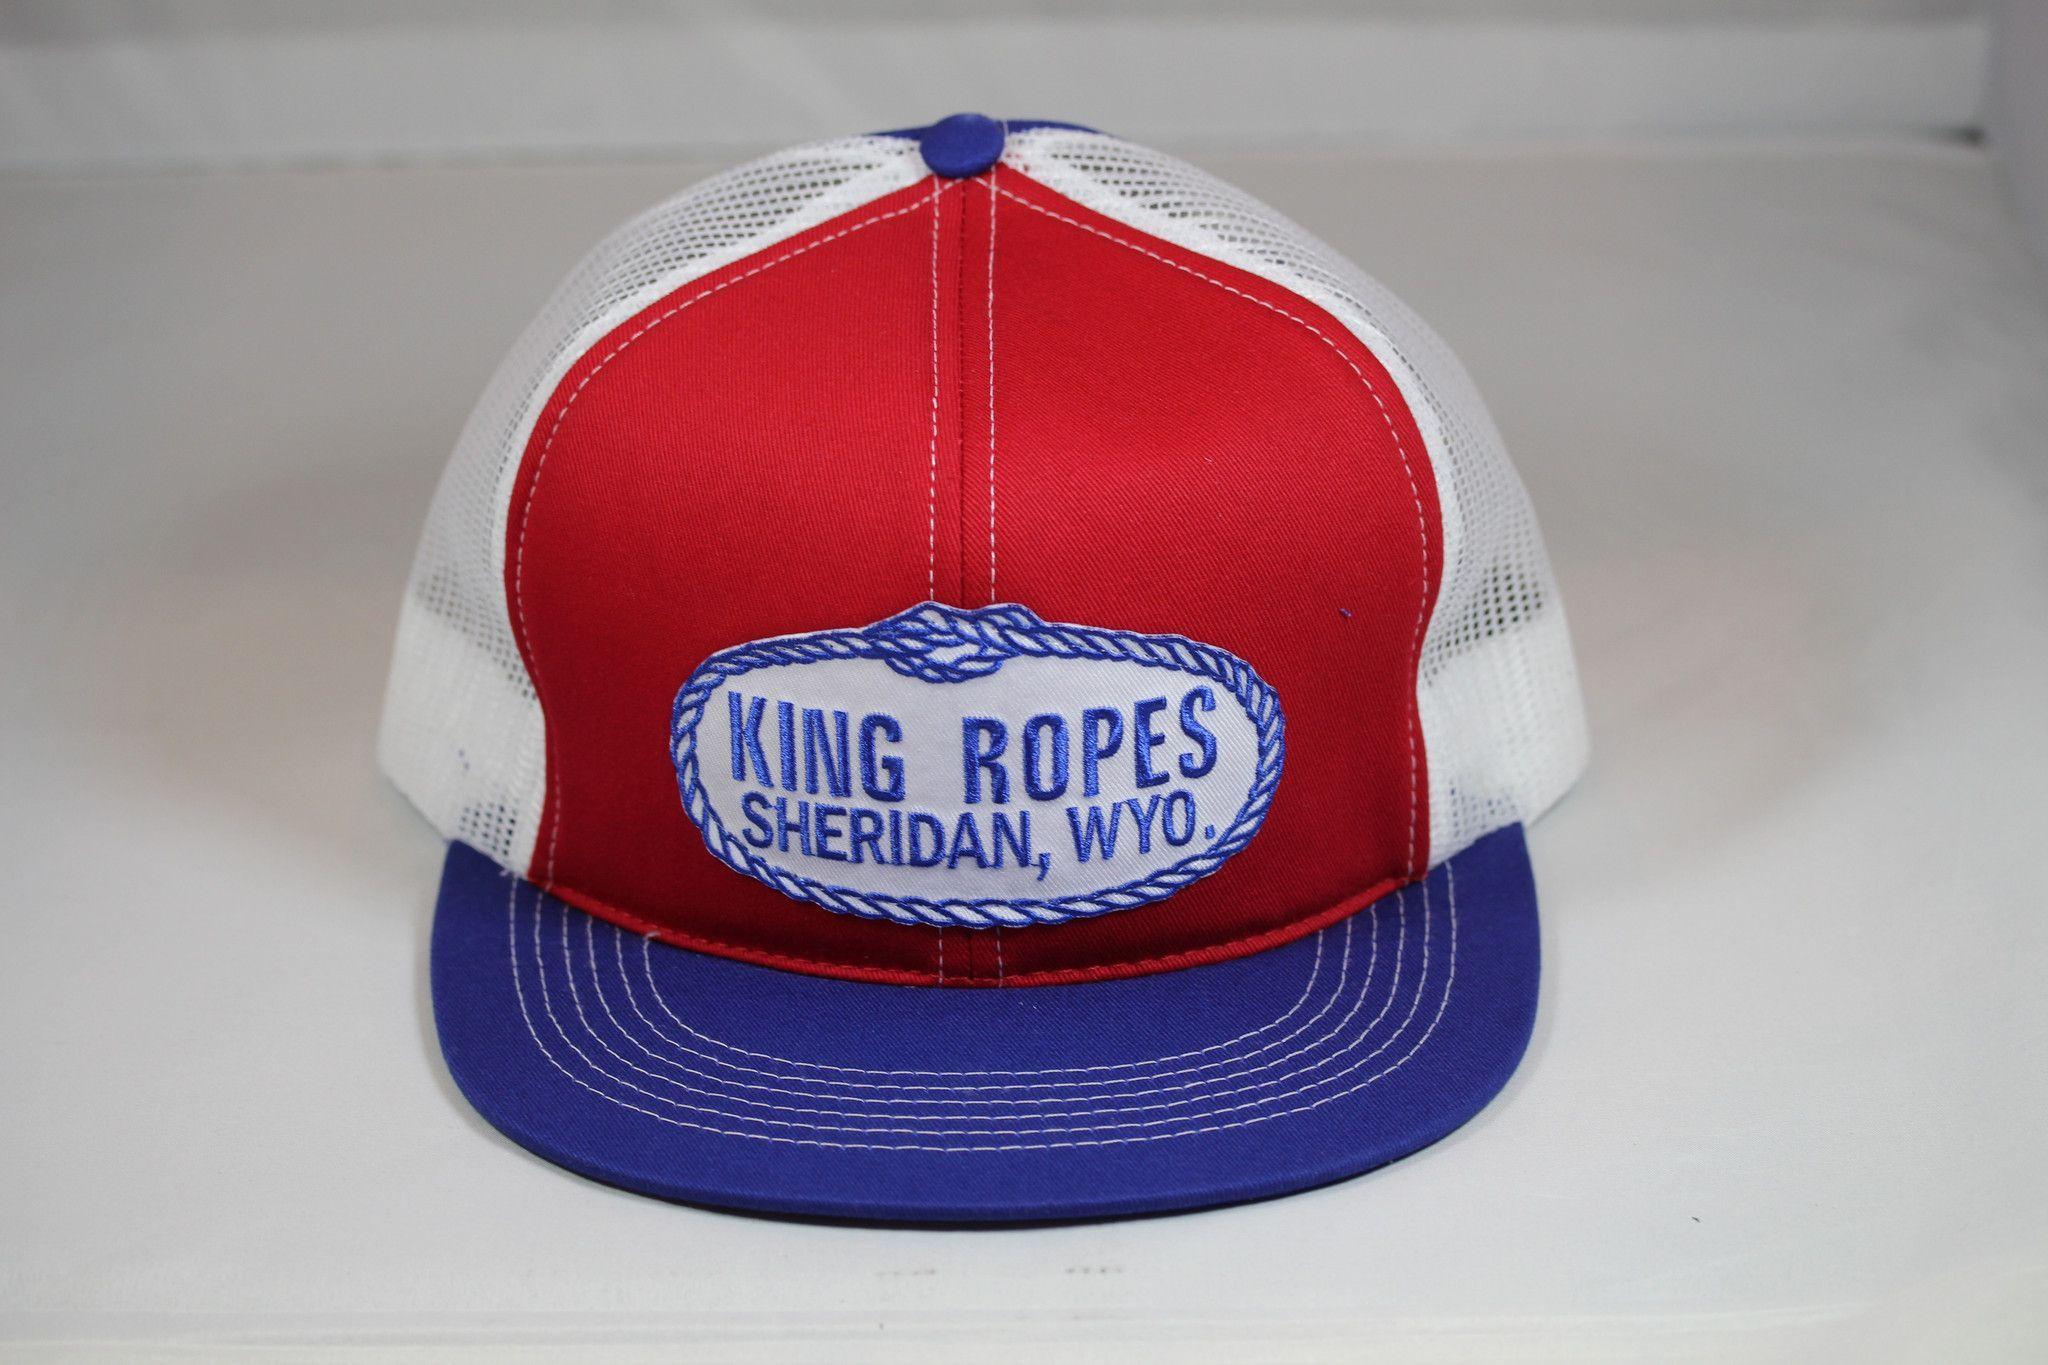 d37cea81803 switzerland king ropes rope mesh trucker hat red white blue 53b96 87e65